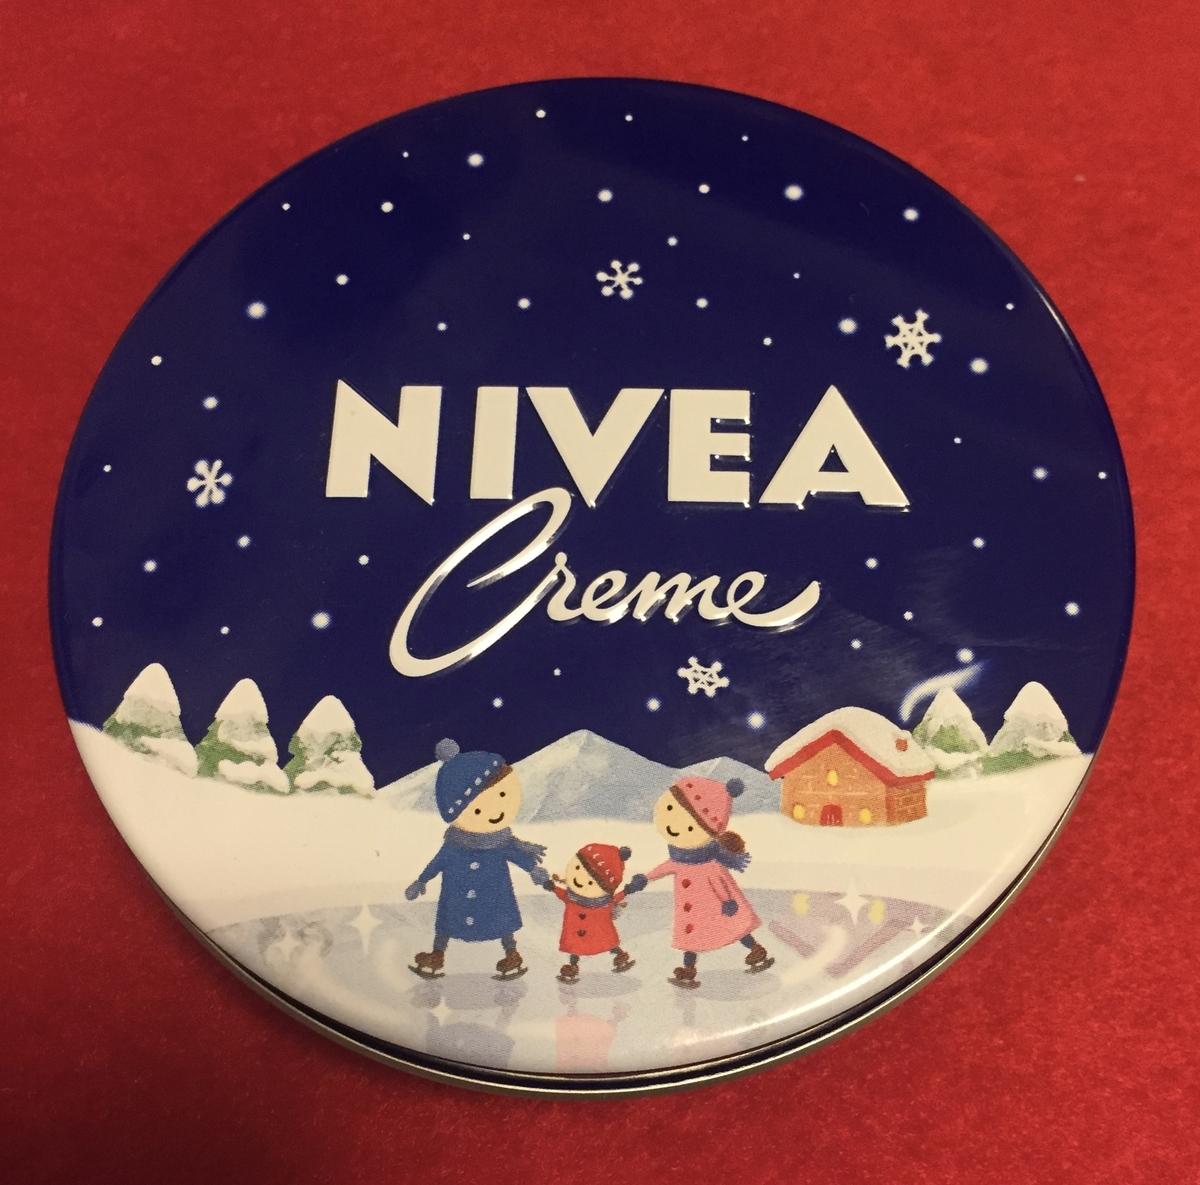 ニベアクリーム 青缶 画像